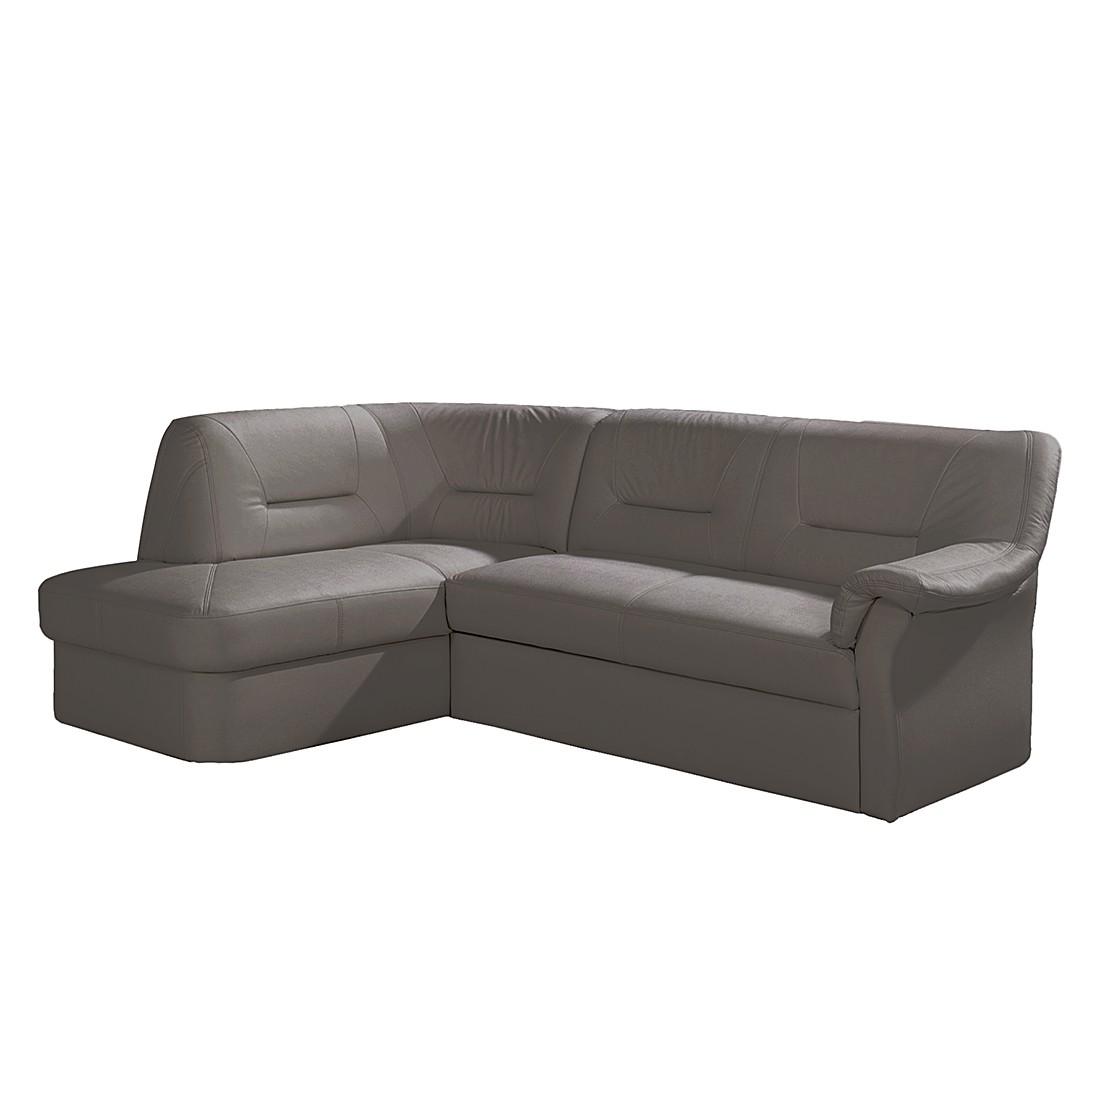 ecksofa badalona mit schlaffunktion kunstleder grau ottomane davorstehend links nuovoform. Black Bedroom Furniture Sets. Home Design Ideas